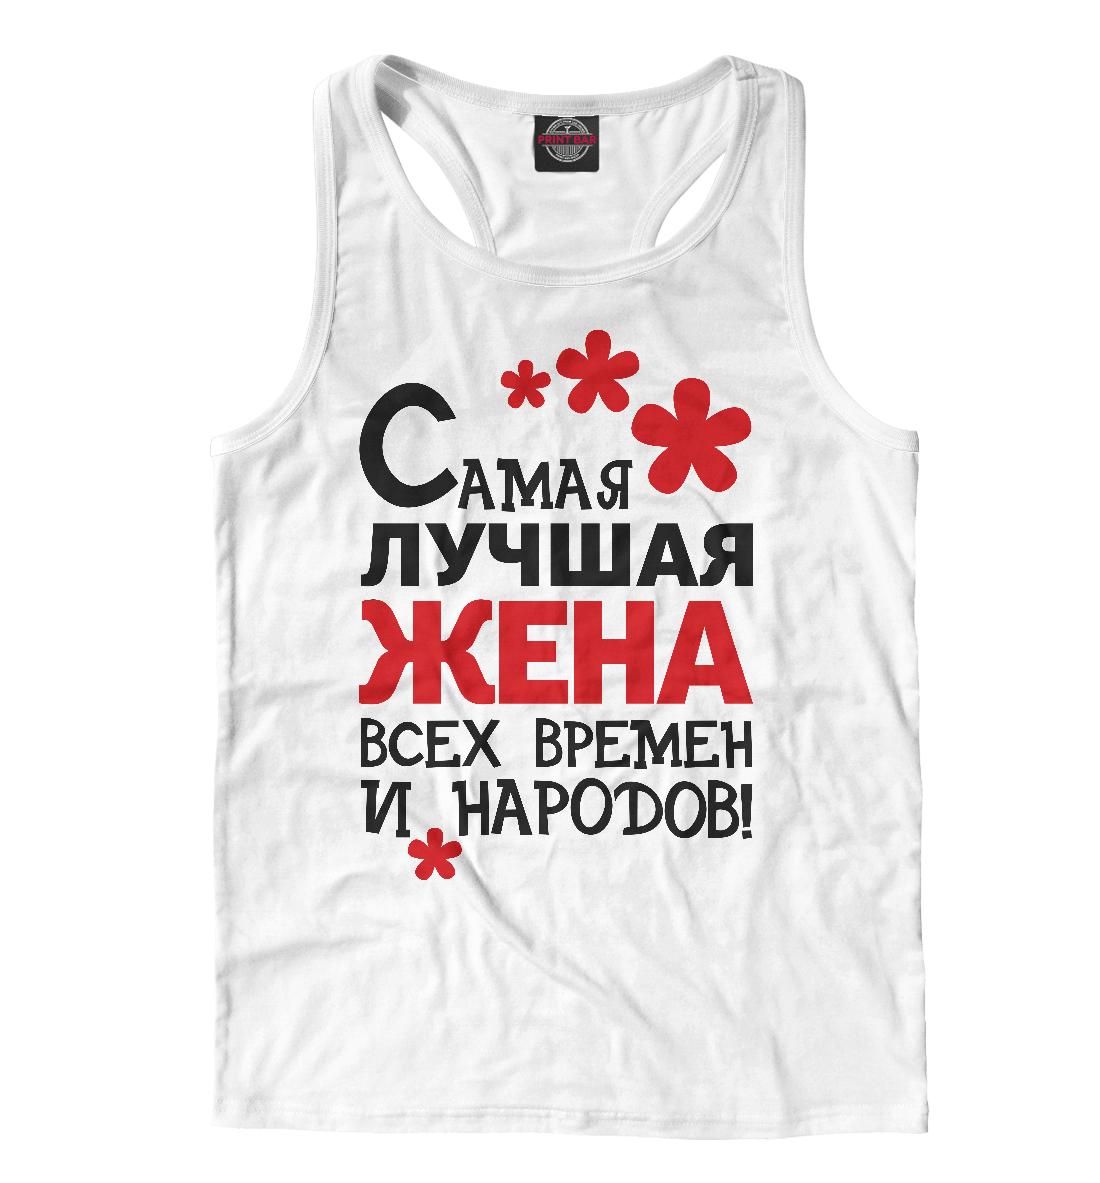 Купить Самая лучшая жена, Printbar, Майки борцовки, DLR-845044-mayb-2